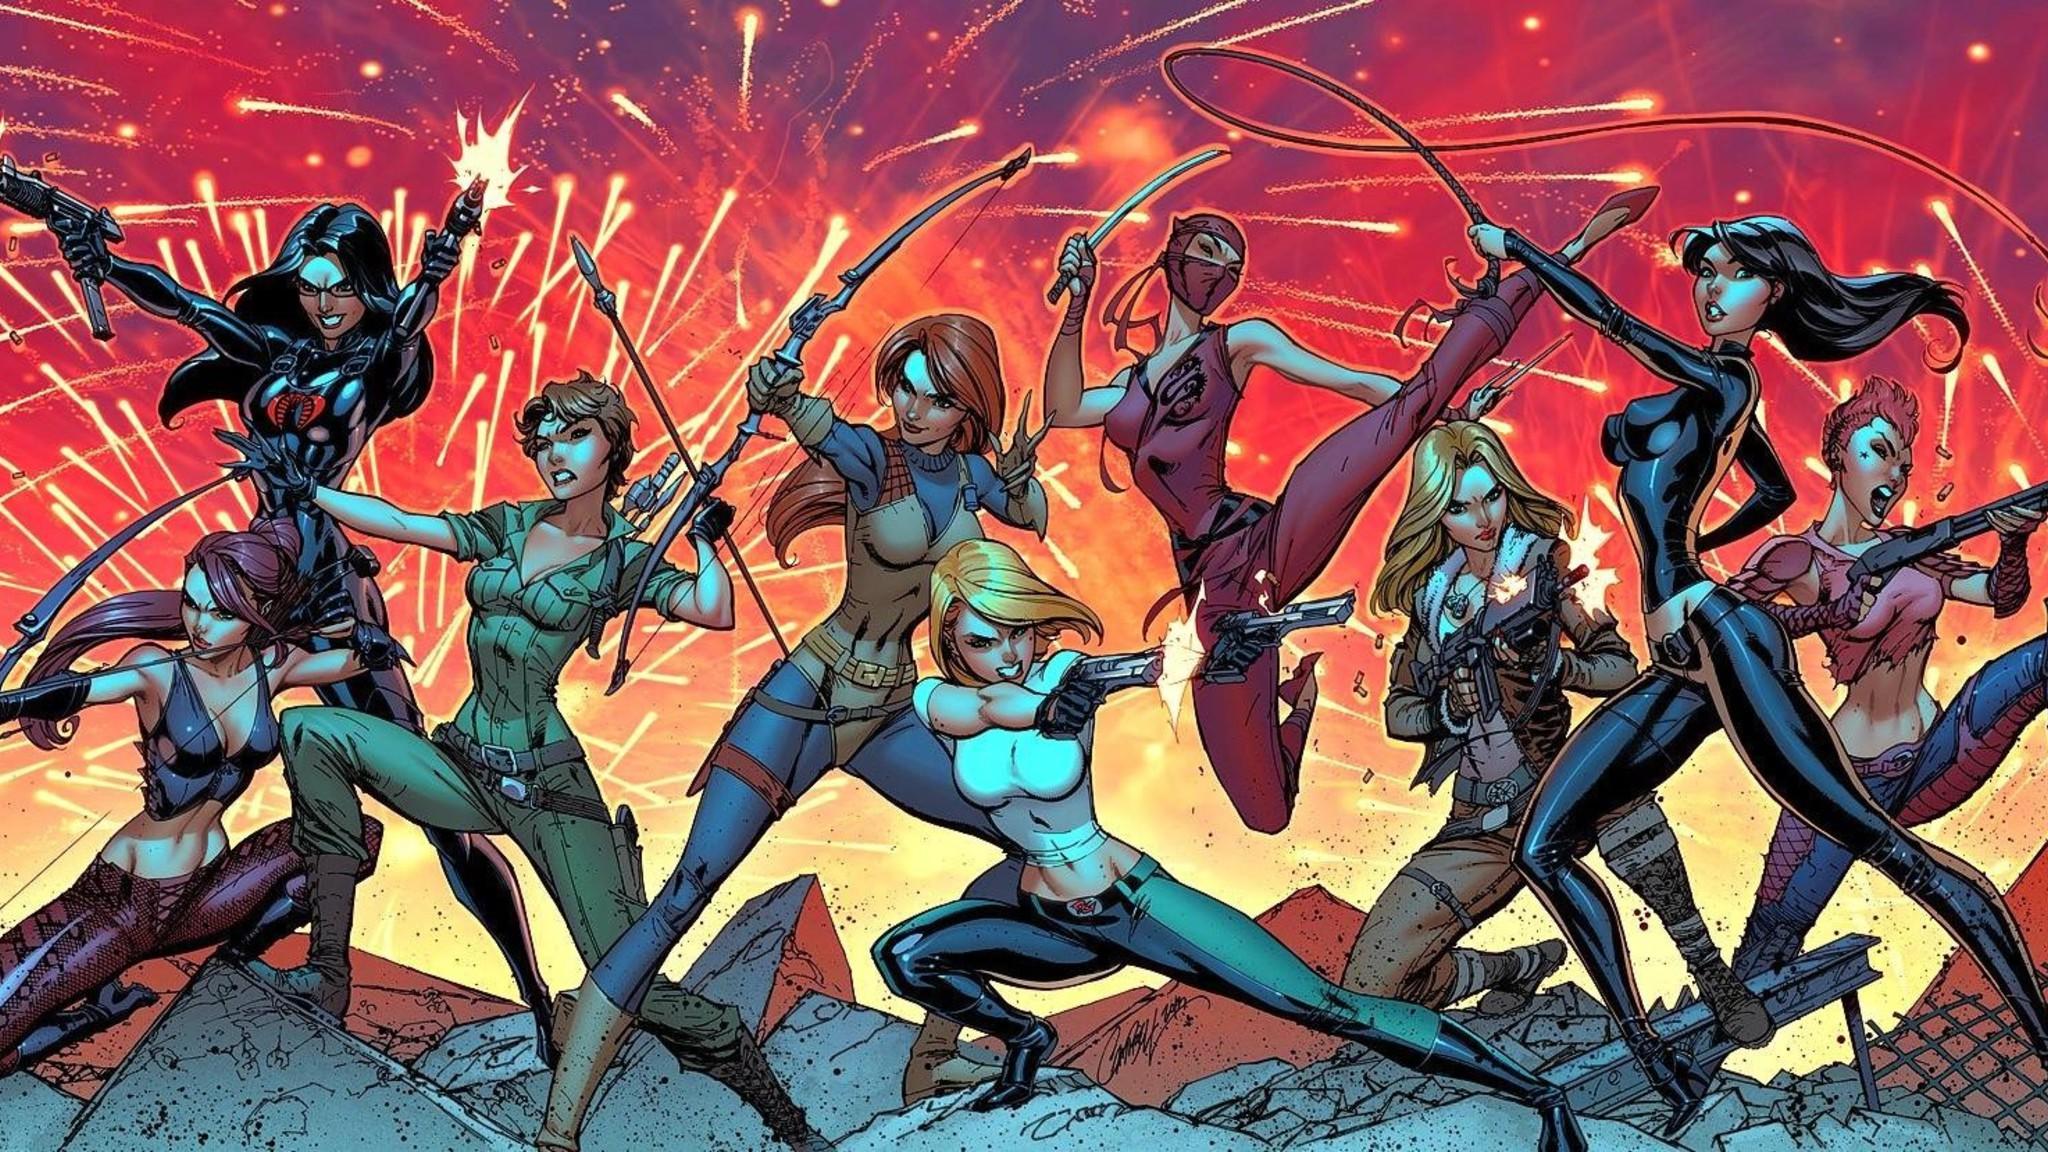 comics-scarlett-baroness-gi-joe-danger-girl-girls-2048x1152-wallpaper.jpg